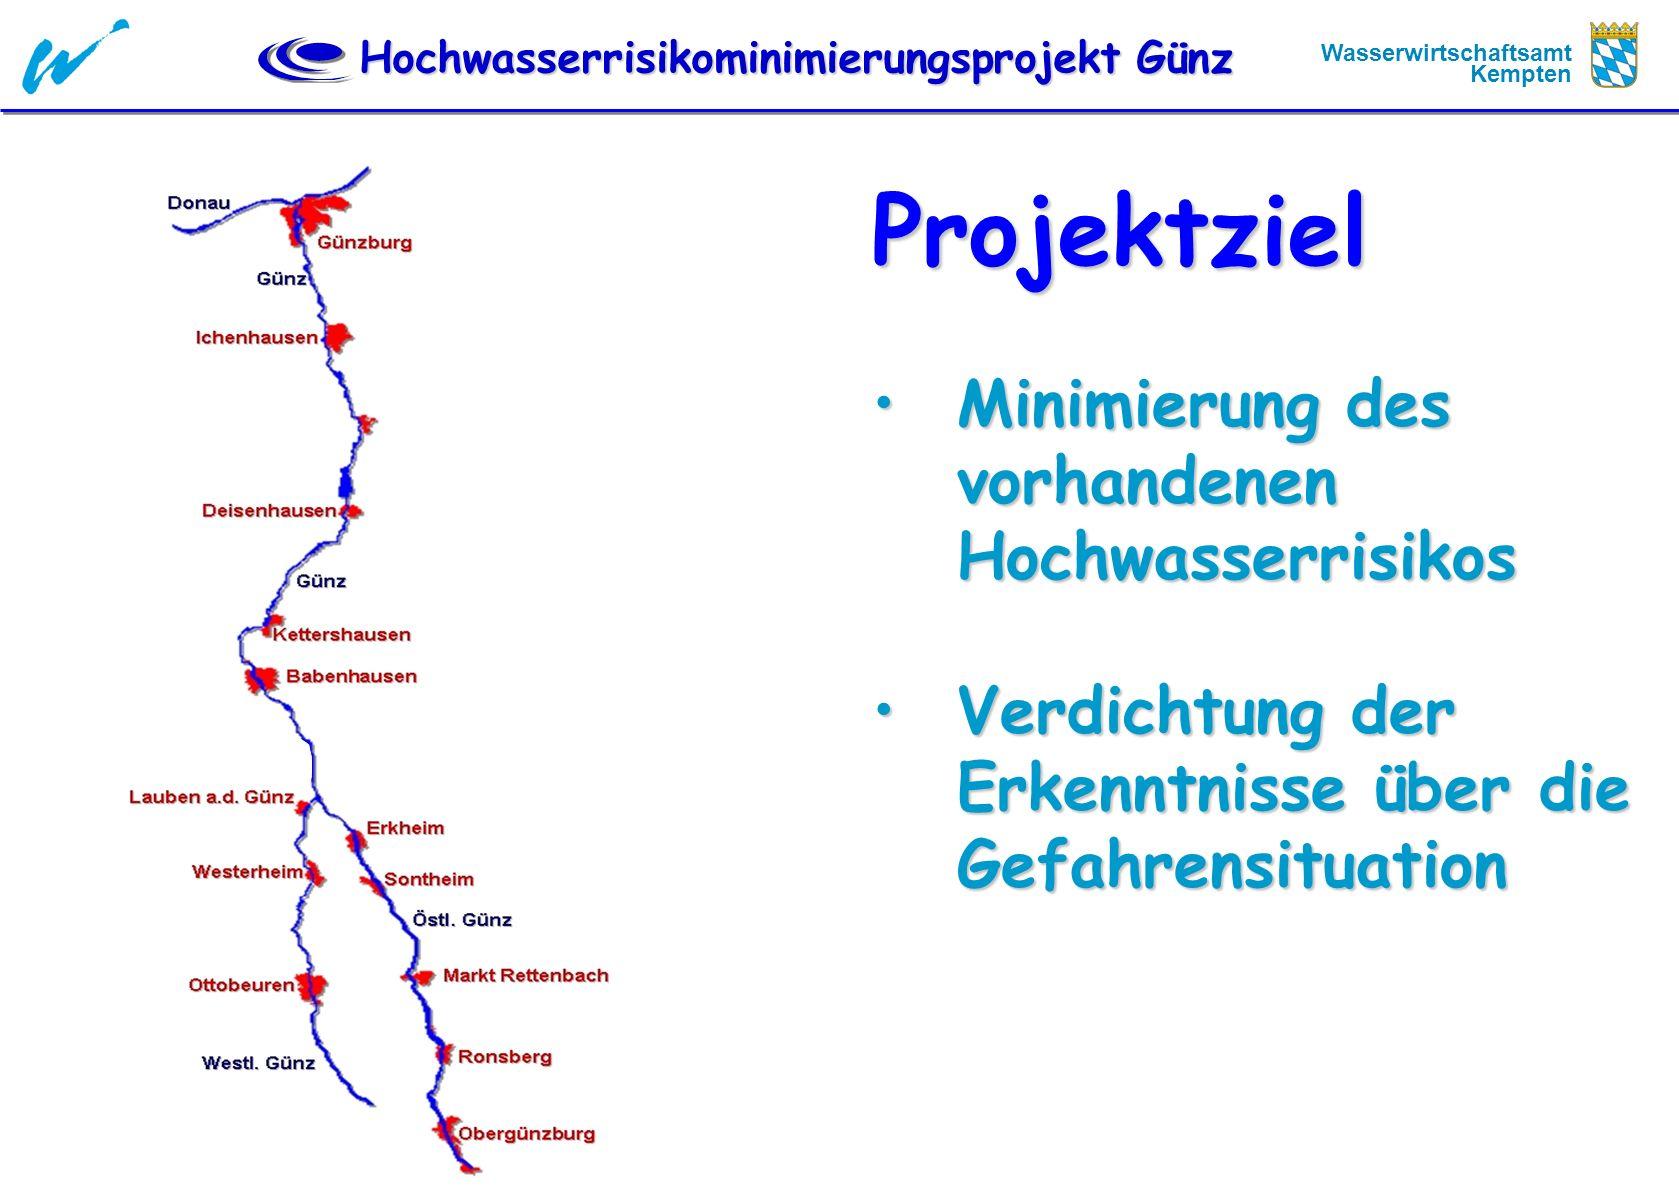 Projektziel Minimierung des vorhandenen Hochwasserrisikos